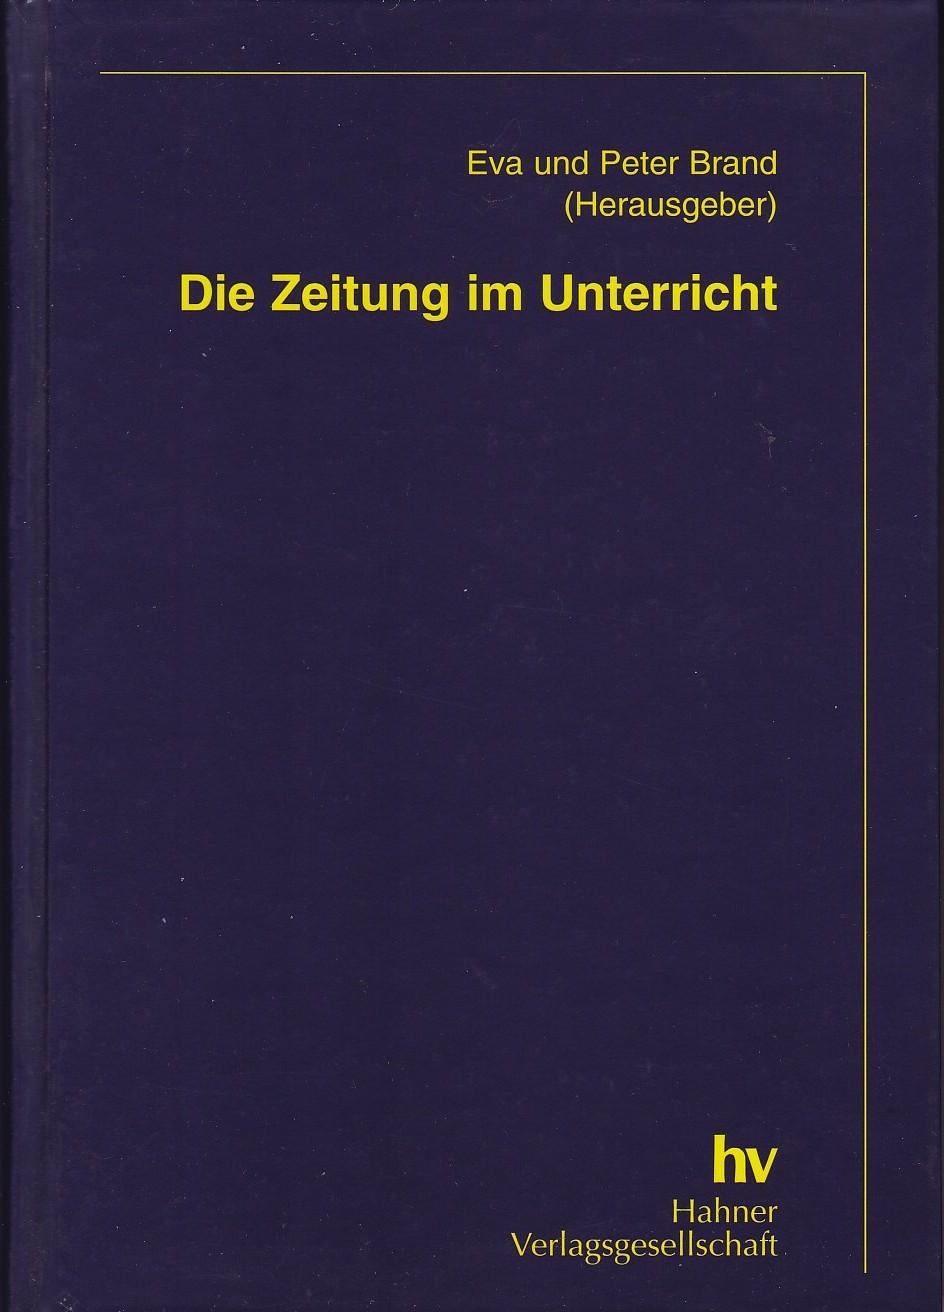 Die-Zeitung-im-Unterricht.jpg